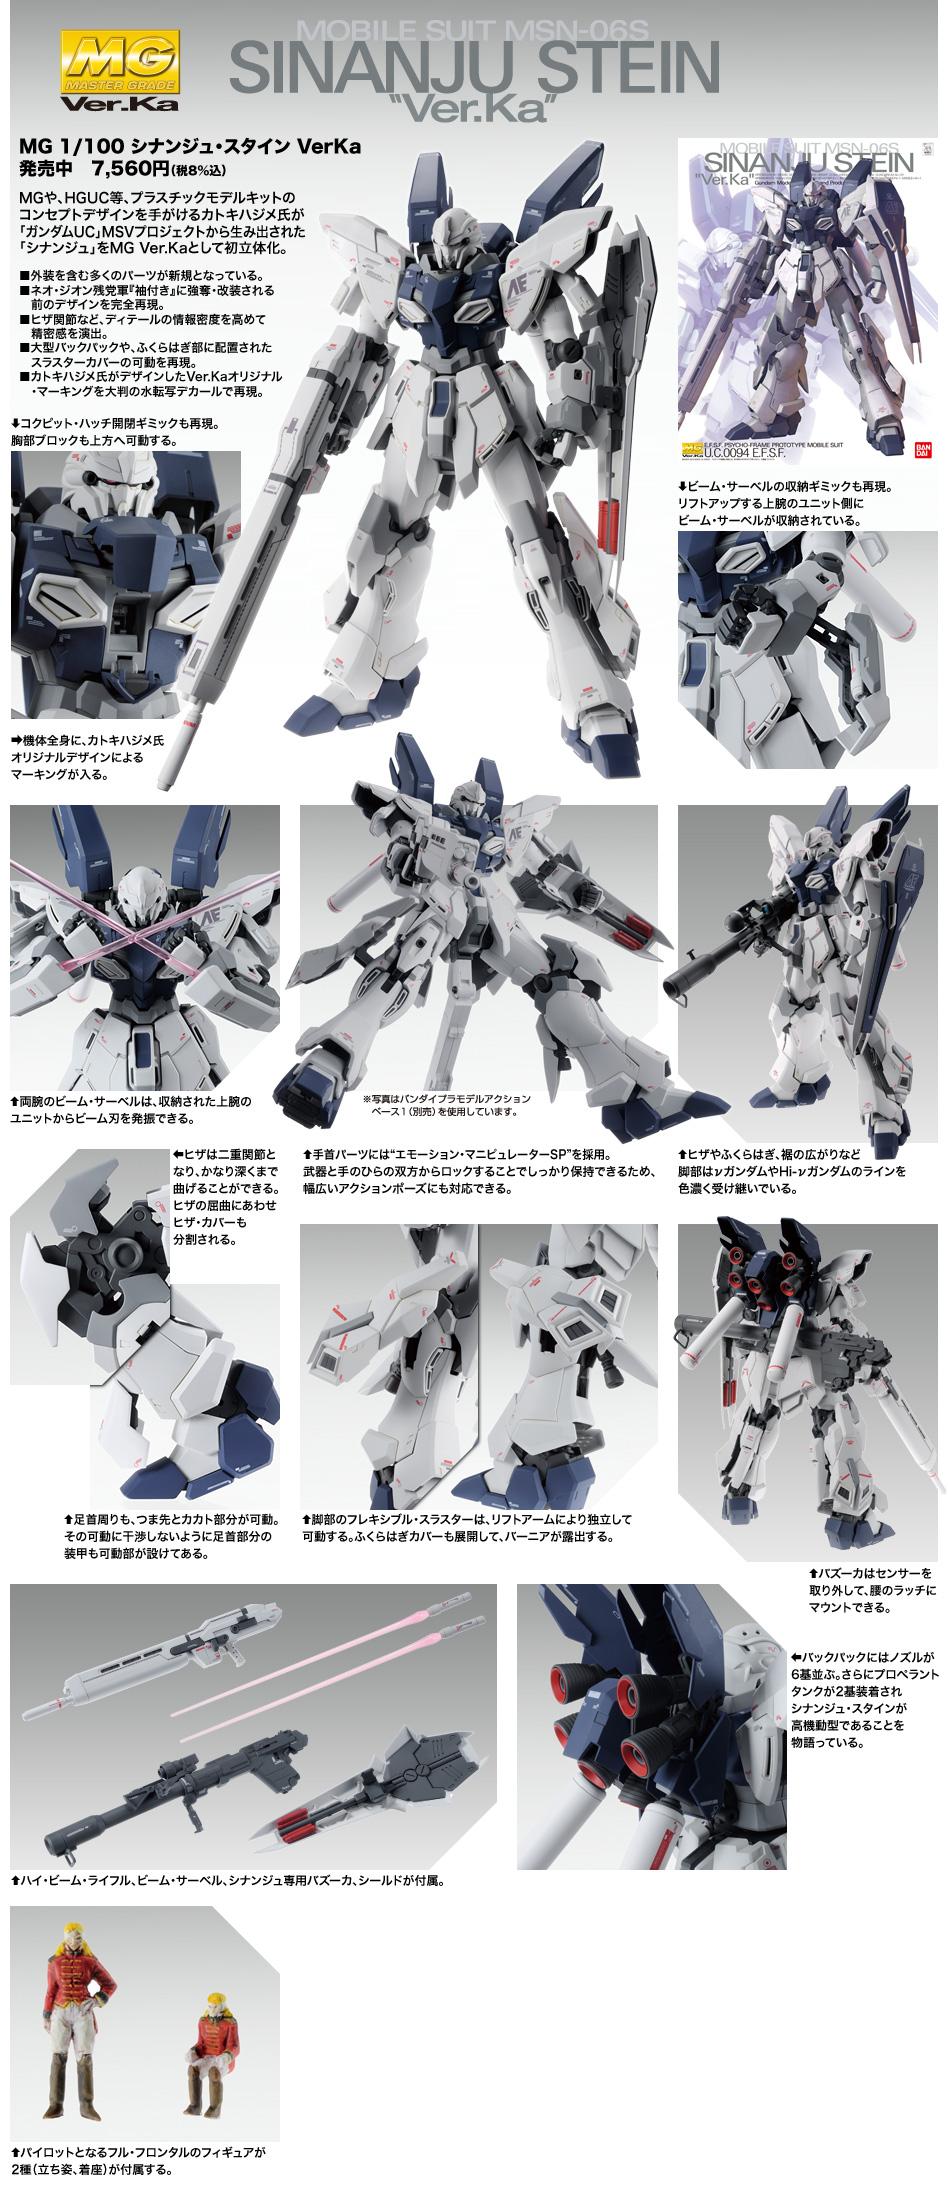 MG 1/100 MSN-06S シナンジュ・スタイン Ver.Ka 公式商品説明(画像)